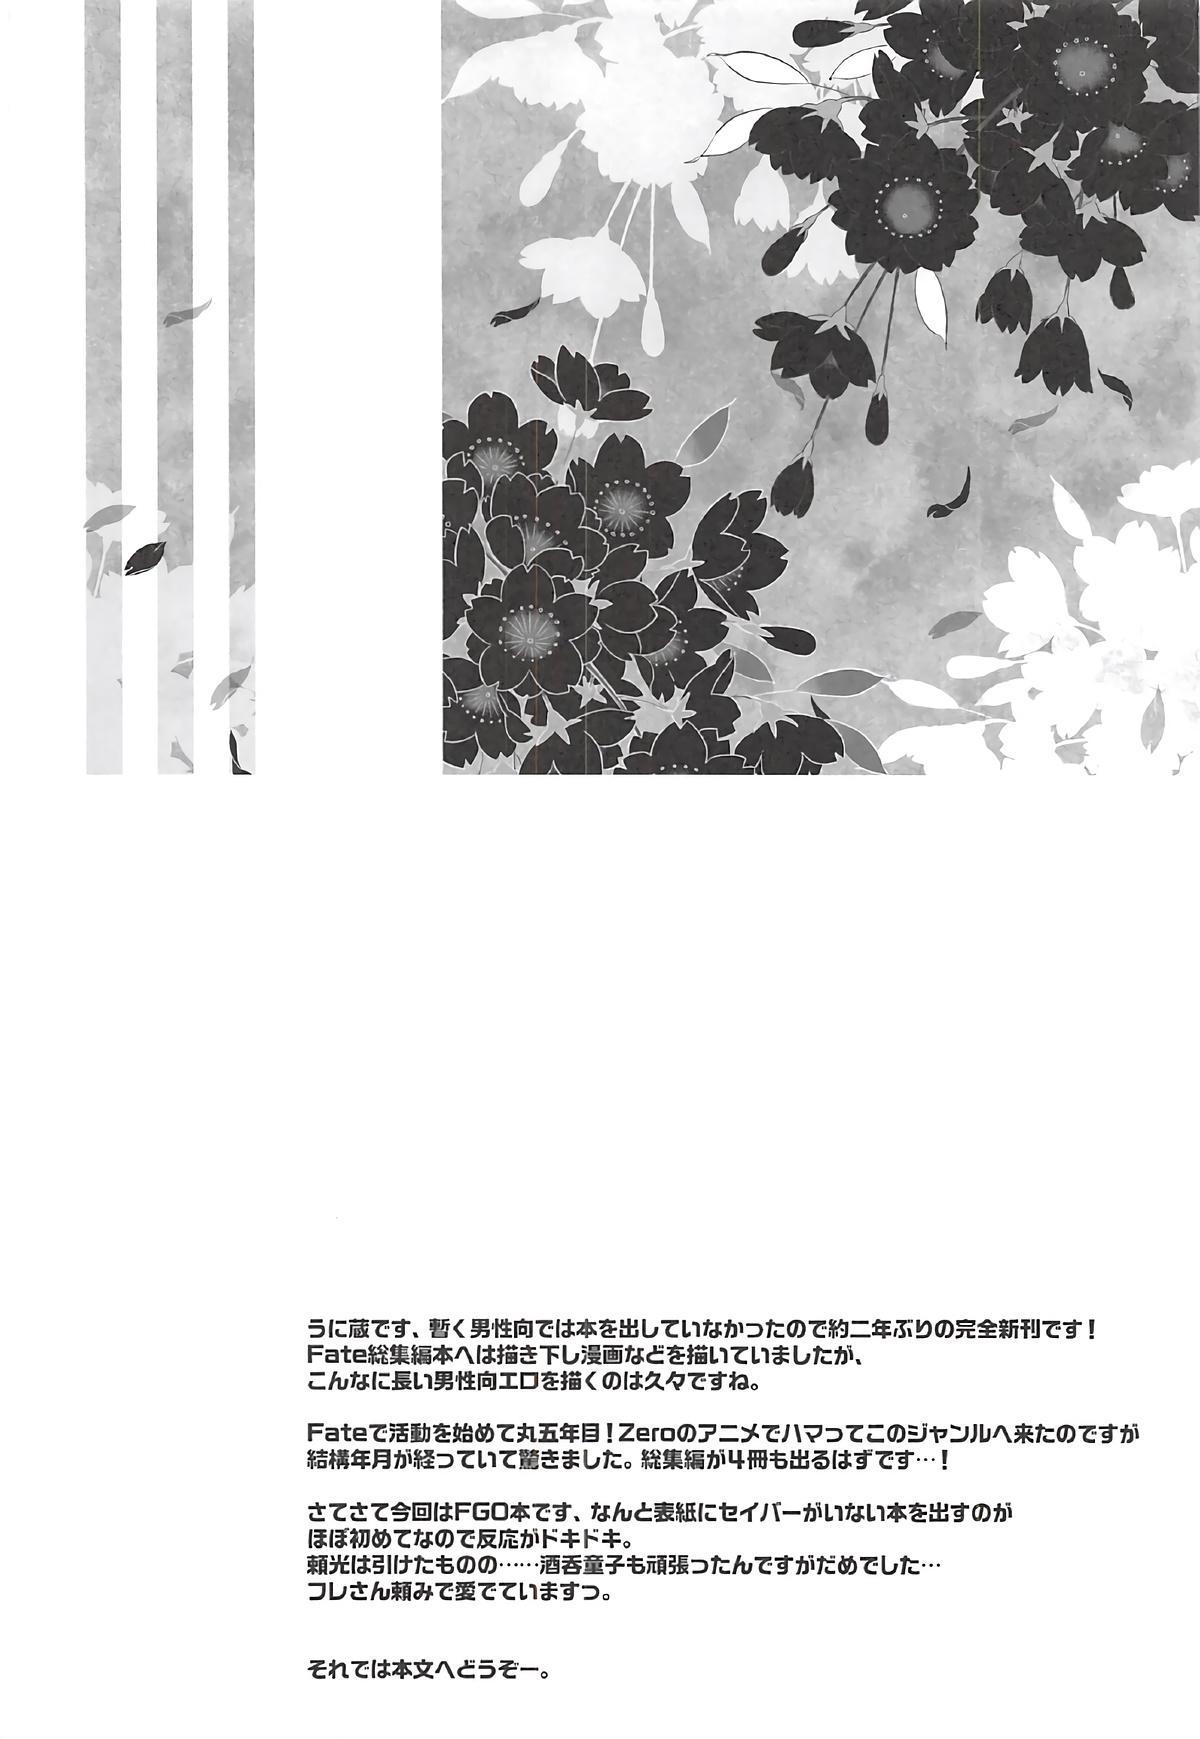 Chimimouryou Kikikaikai 2